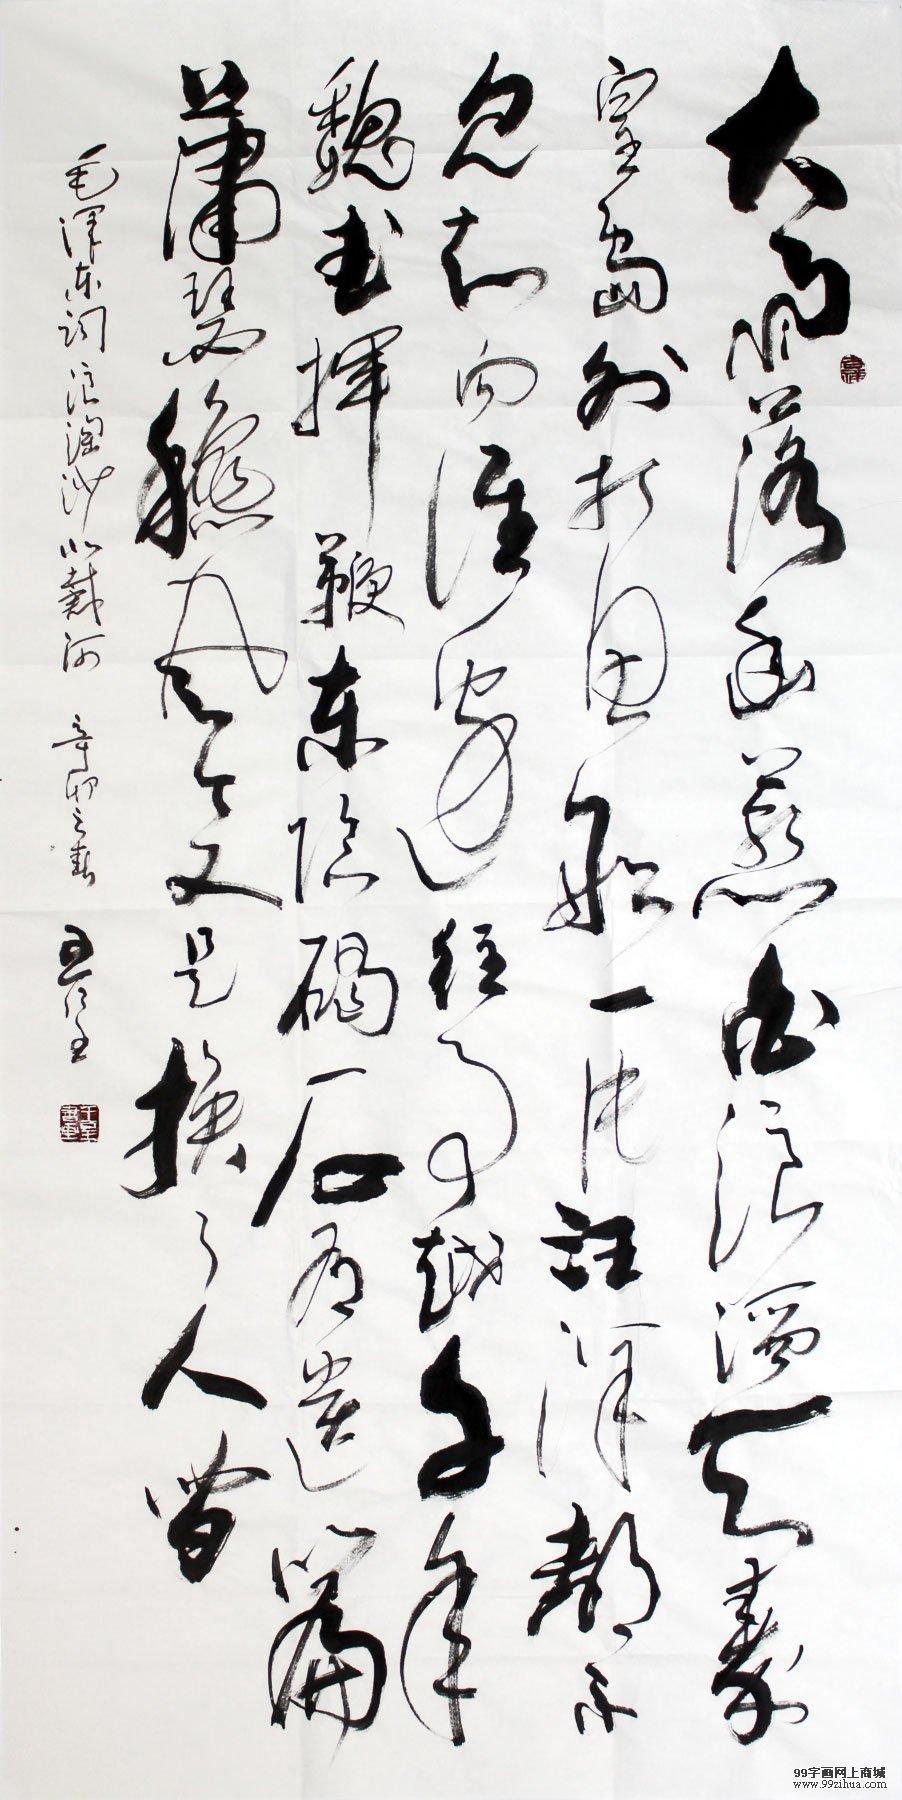 中国名人书法作品欣赏